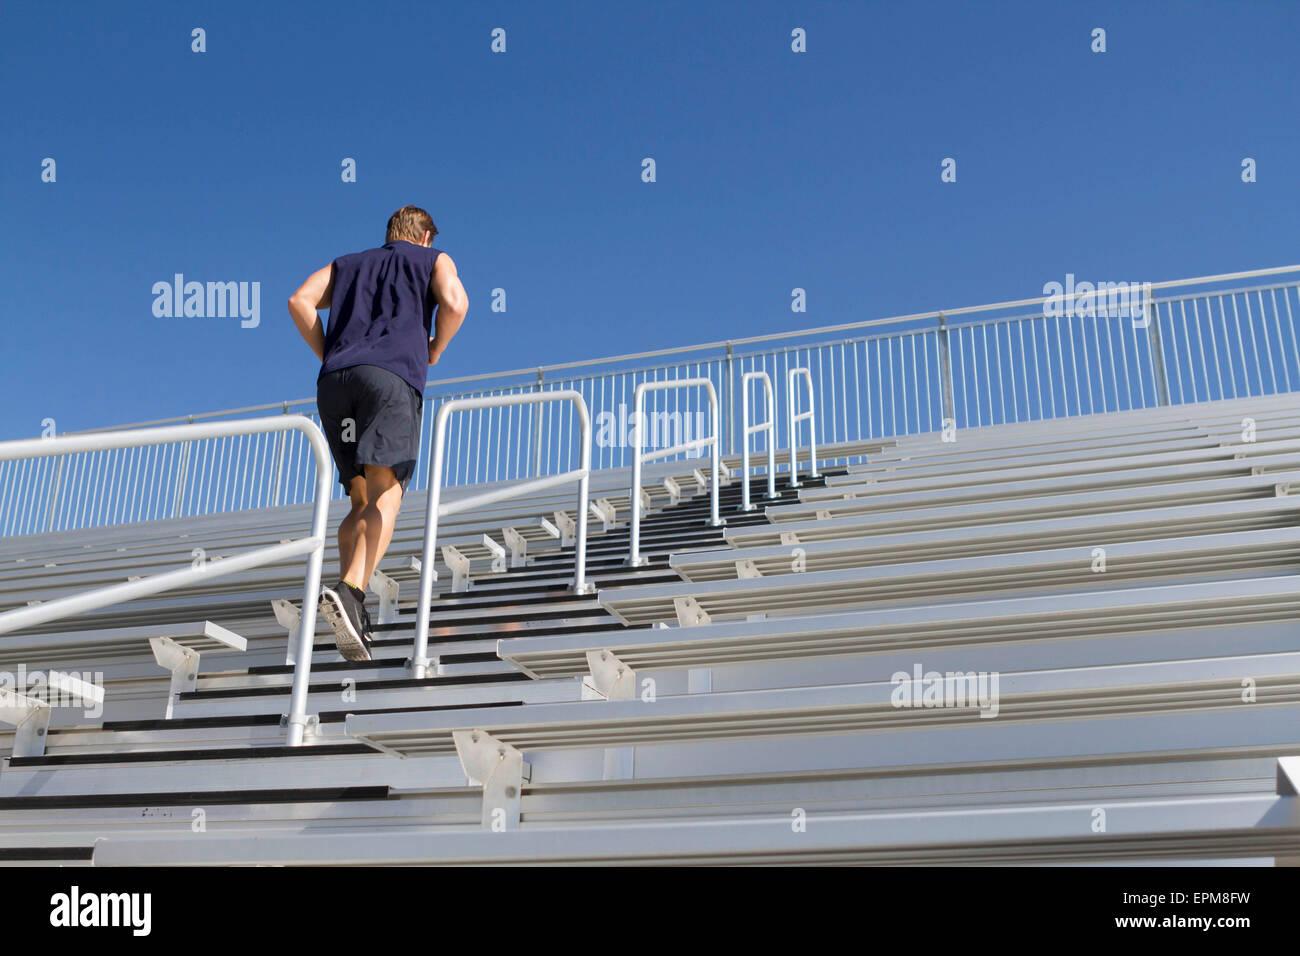 California, Estados Unidos, San Luis Obispo, joven hombre corriendo las escaleras de una tribuna Imagen De Stock